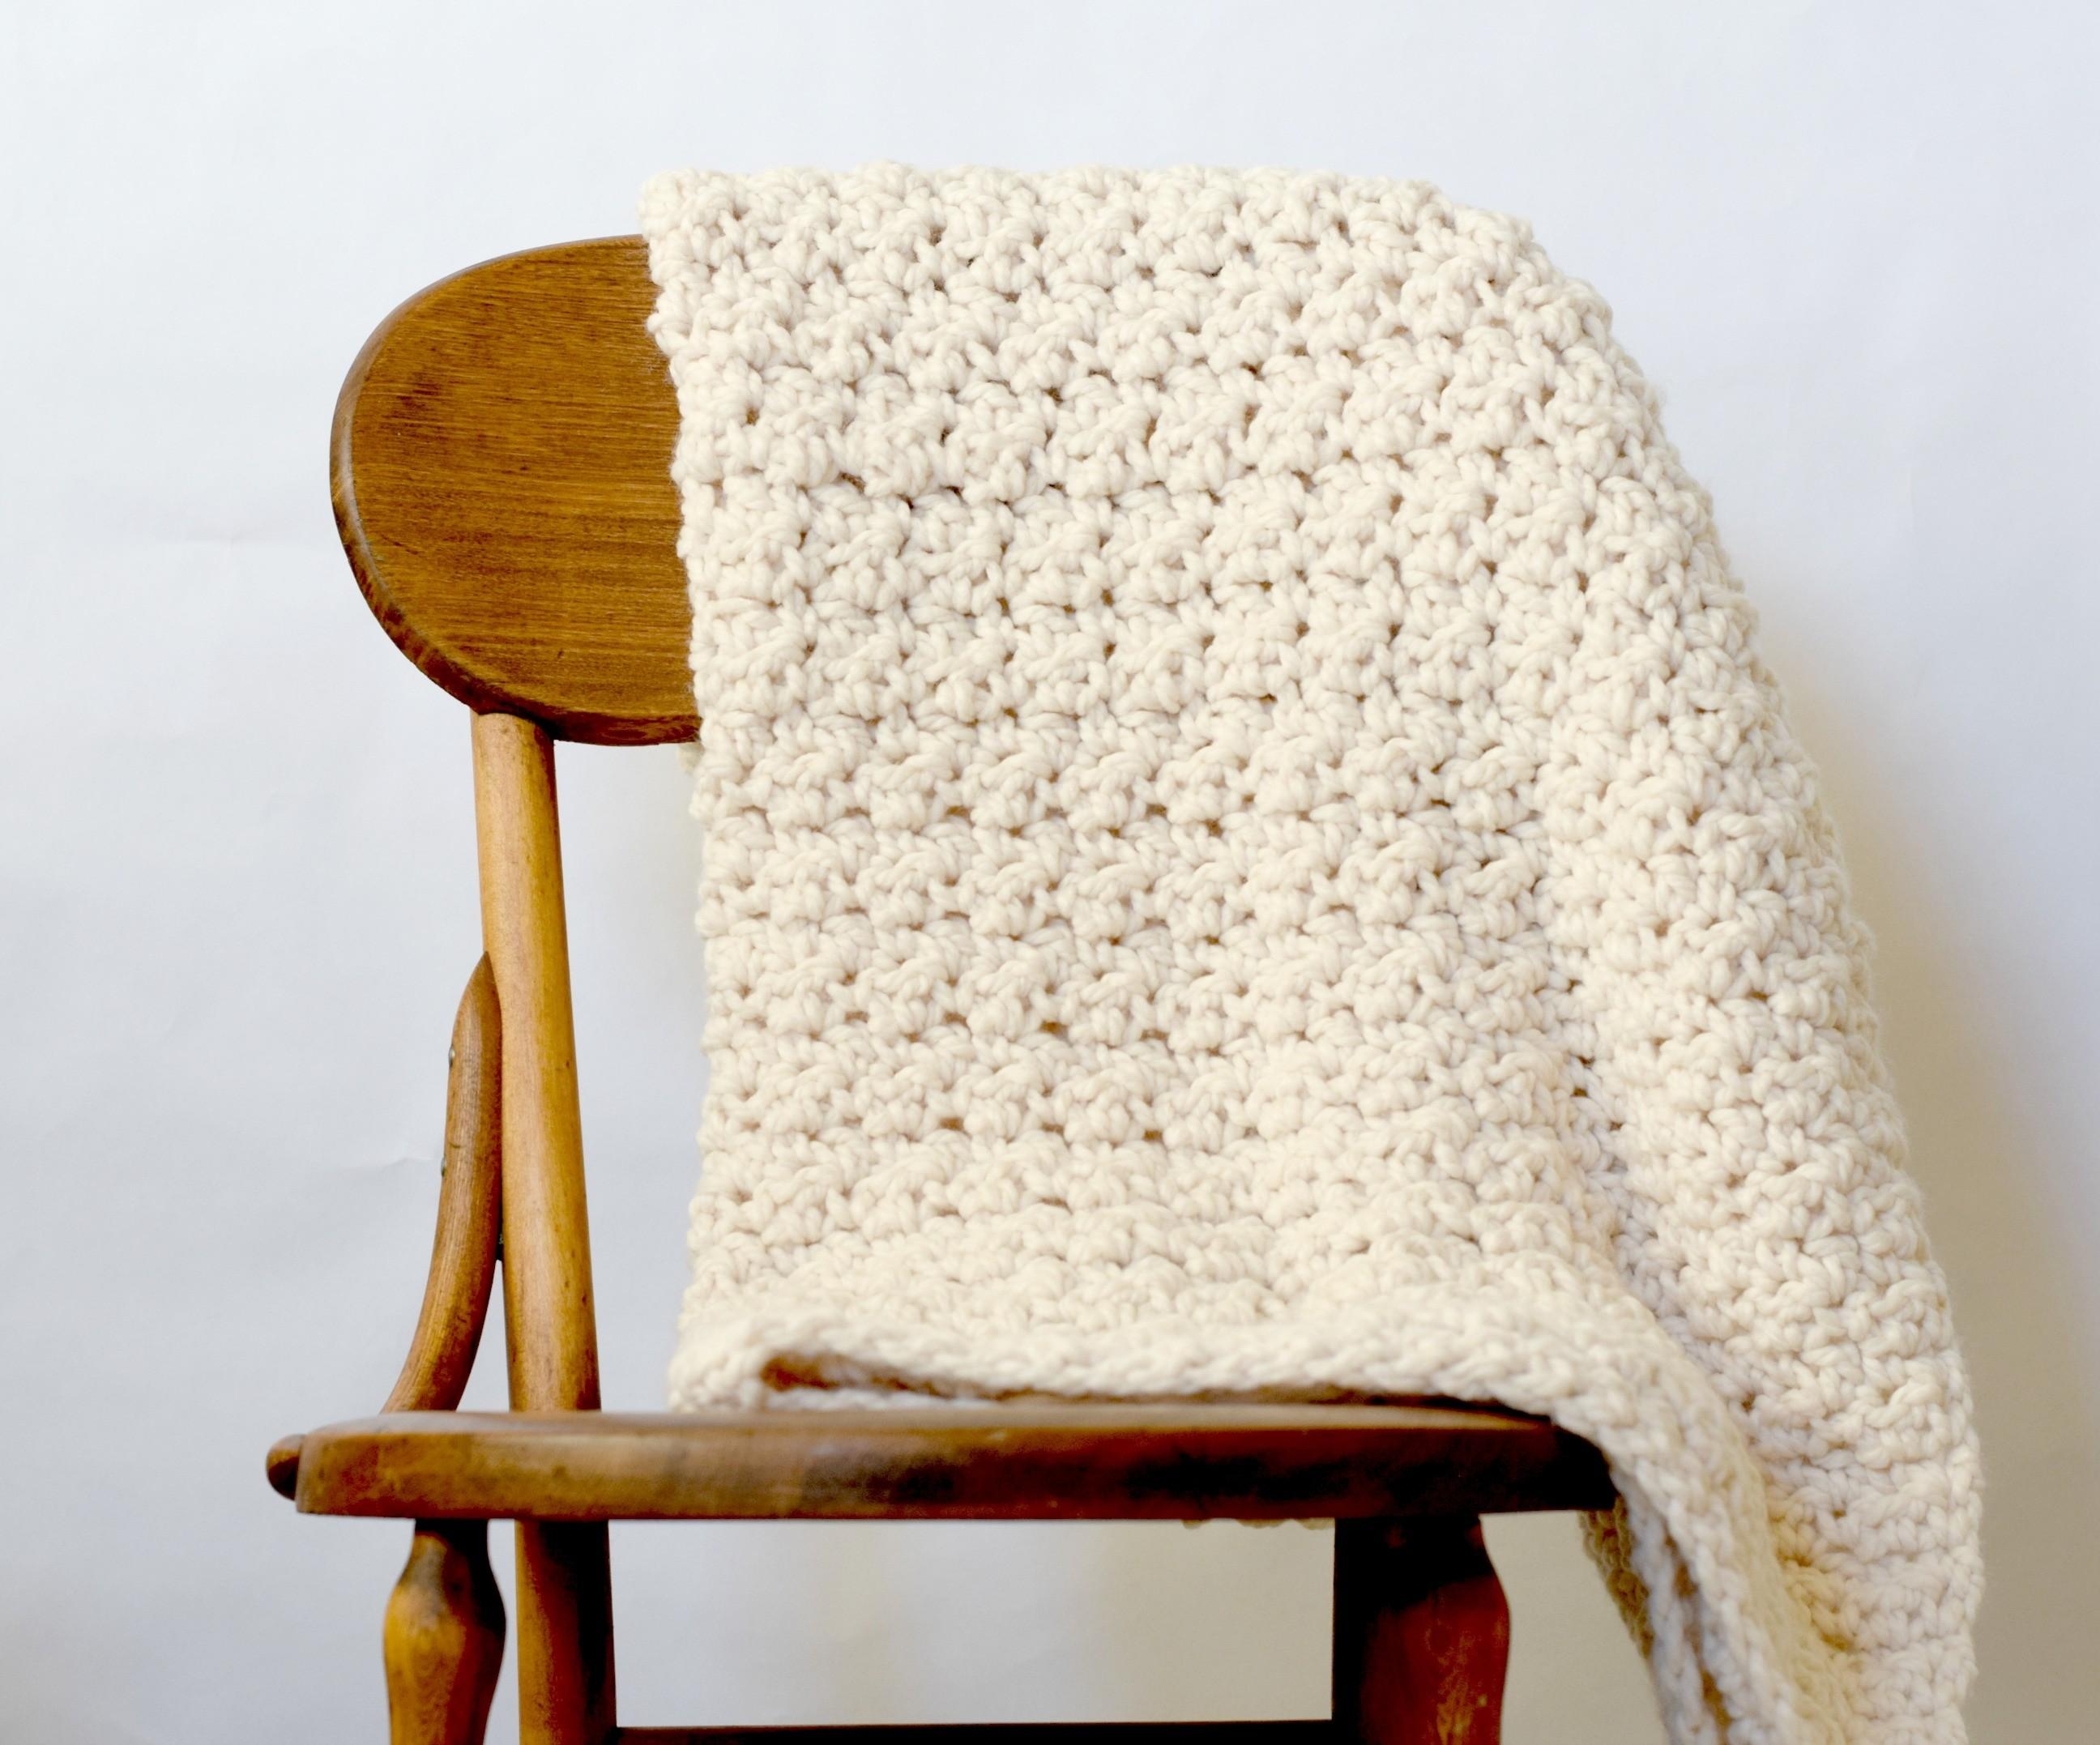 Icelandic Chunky Crochet Lapghan Crochet Kit